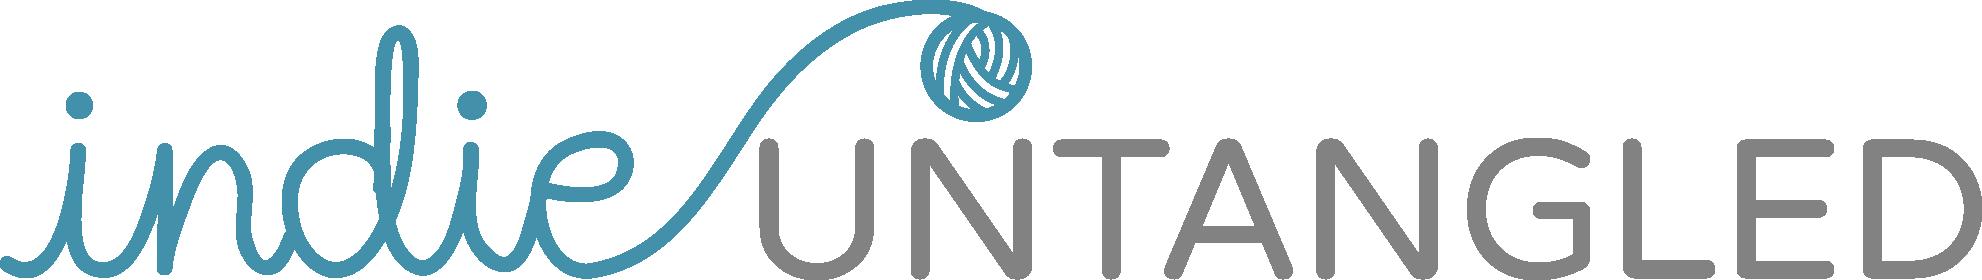 logo_2c.png